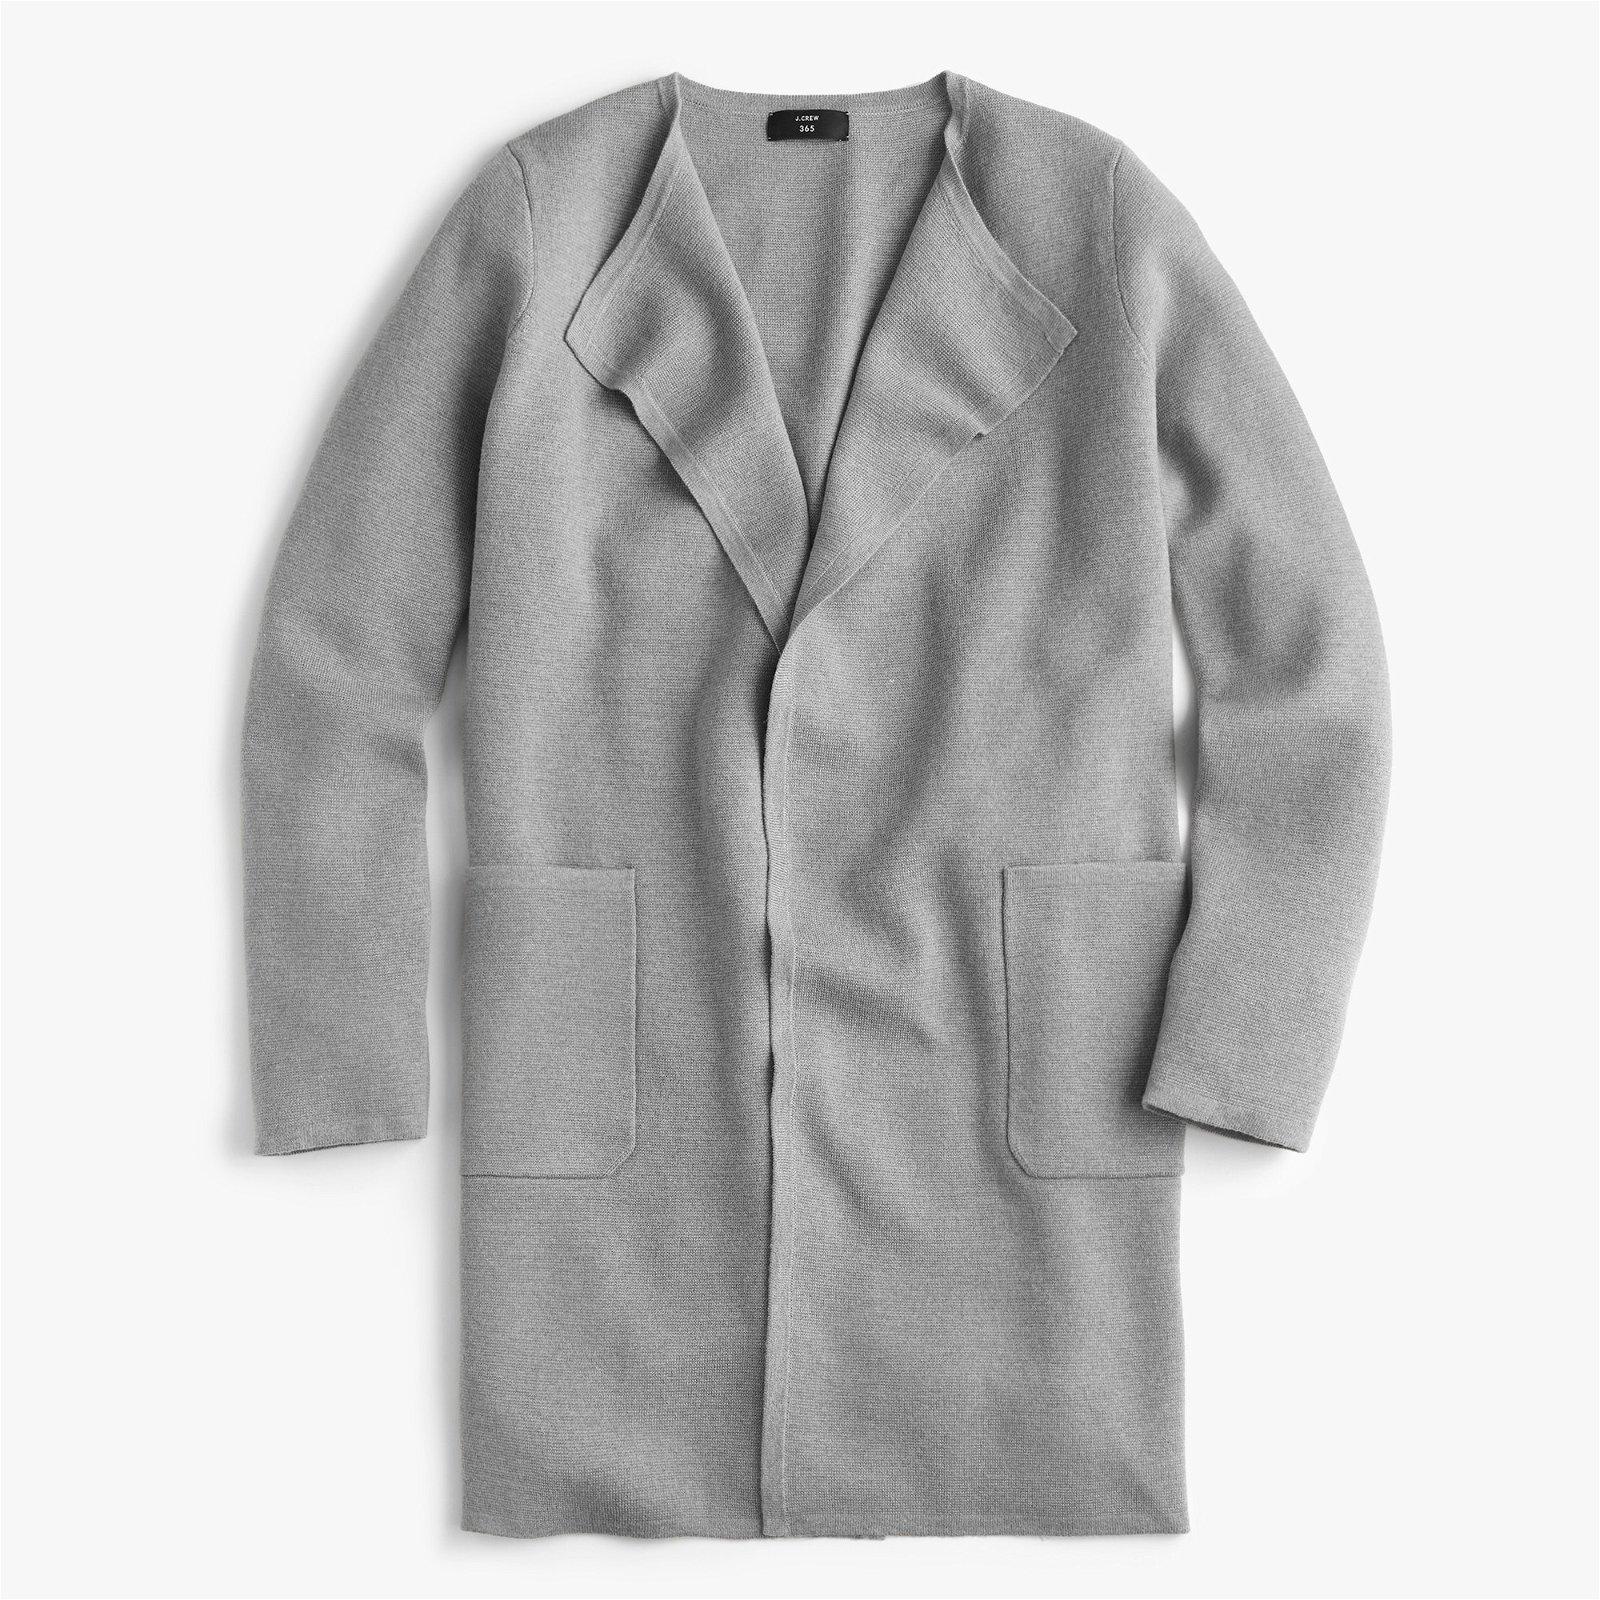 Juliette collarless sweater-blazer